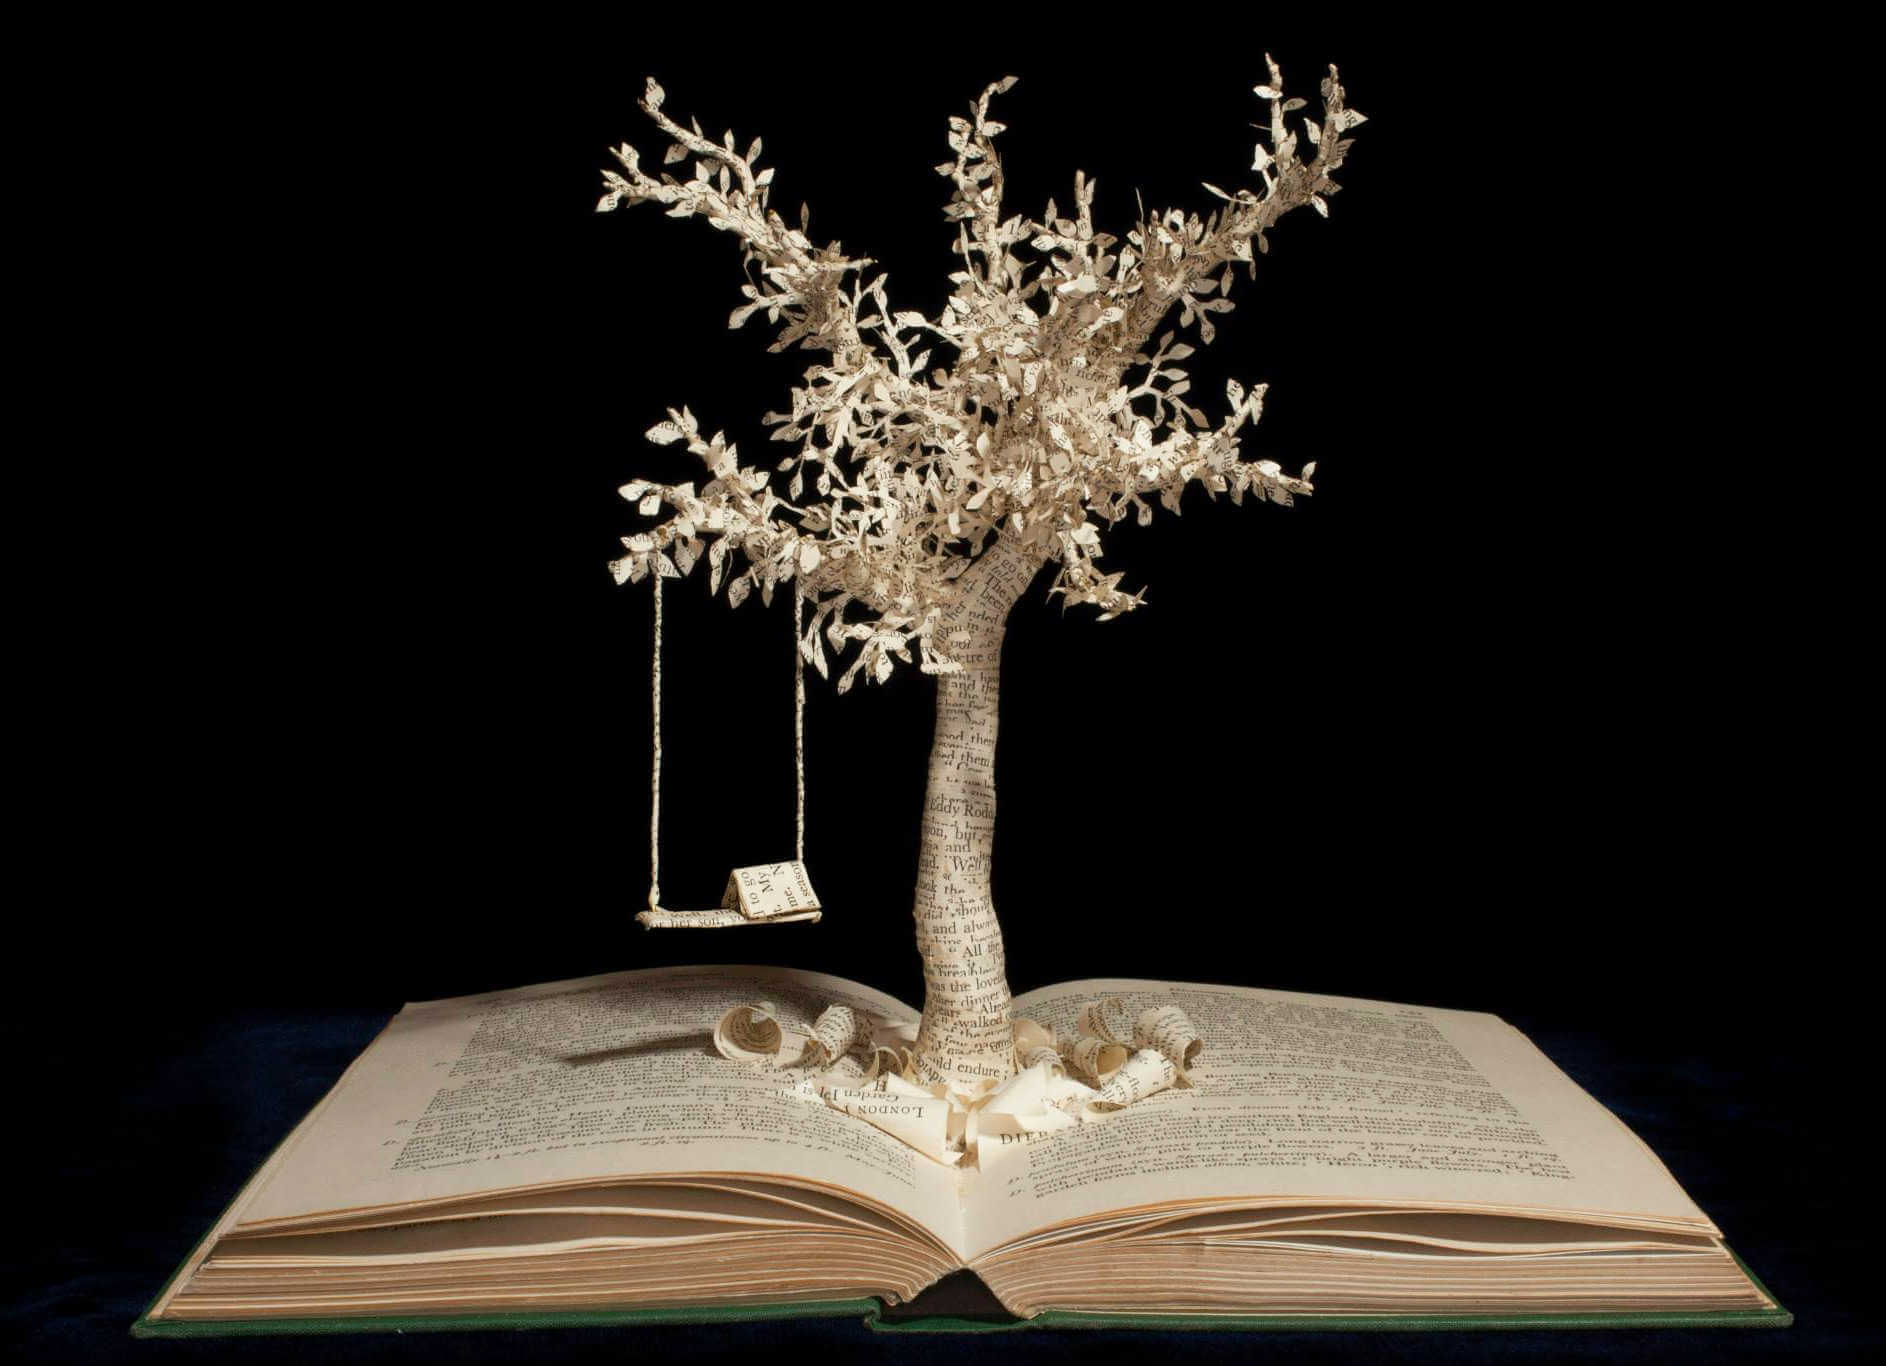 Manualidades con libro antiguo